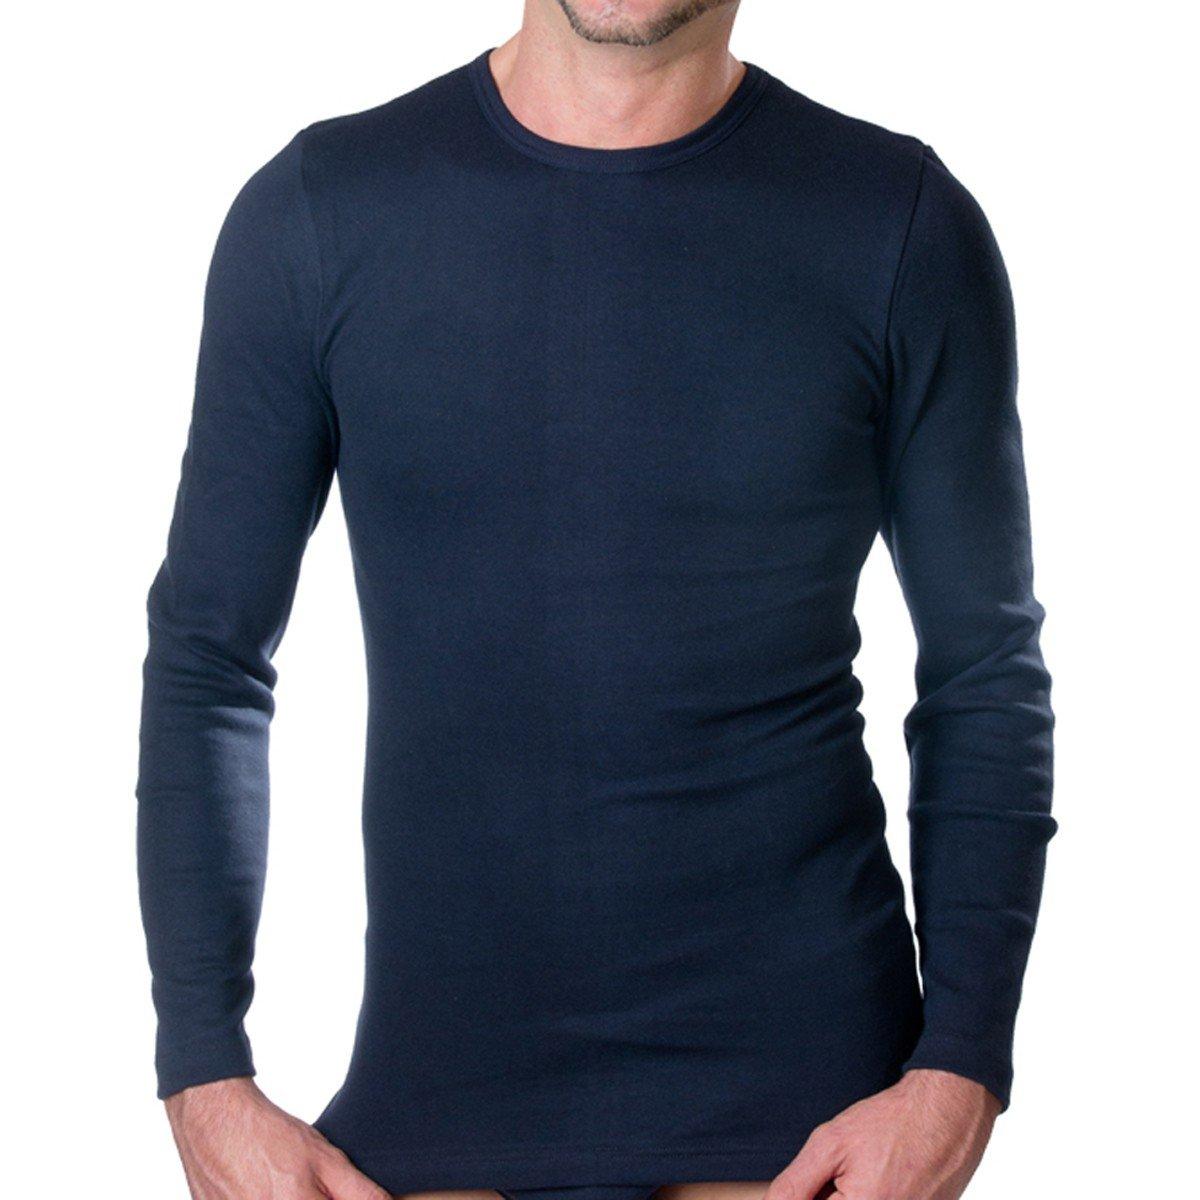 HERMKO 3640 Herren langarm Shirt aus 100% Baumwolle, long-sleeved underwear for men Männer Unterhemd mit langen Armen